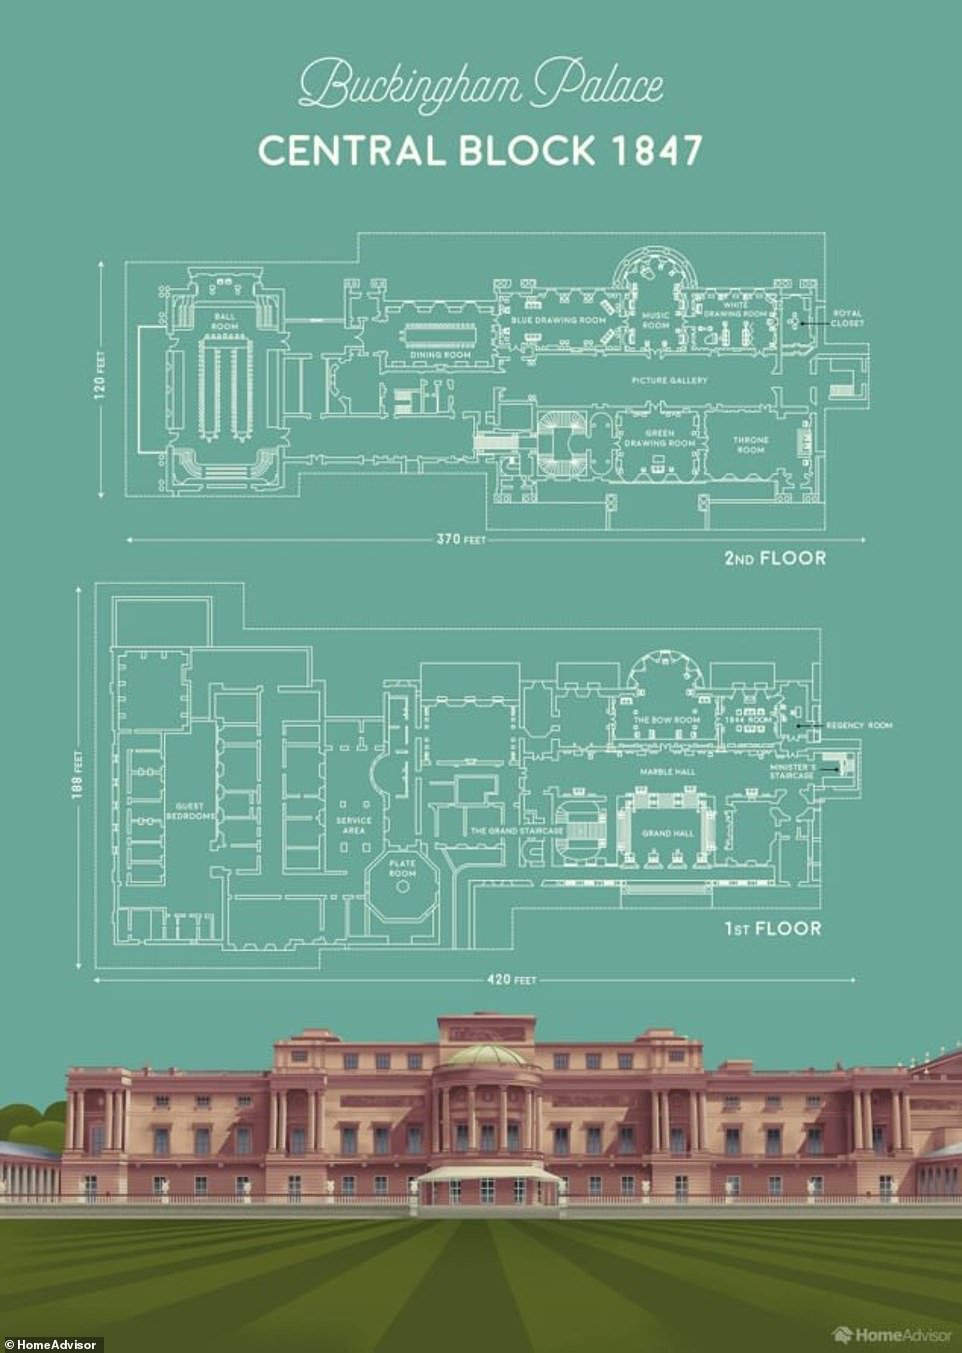 При входе в центральный блок Букингемского дворца расположена большая лестница